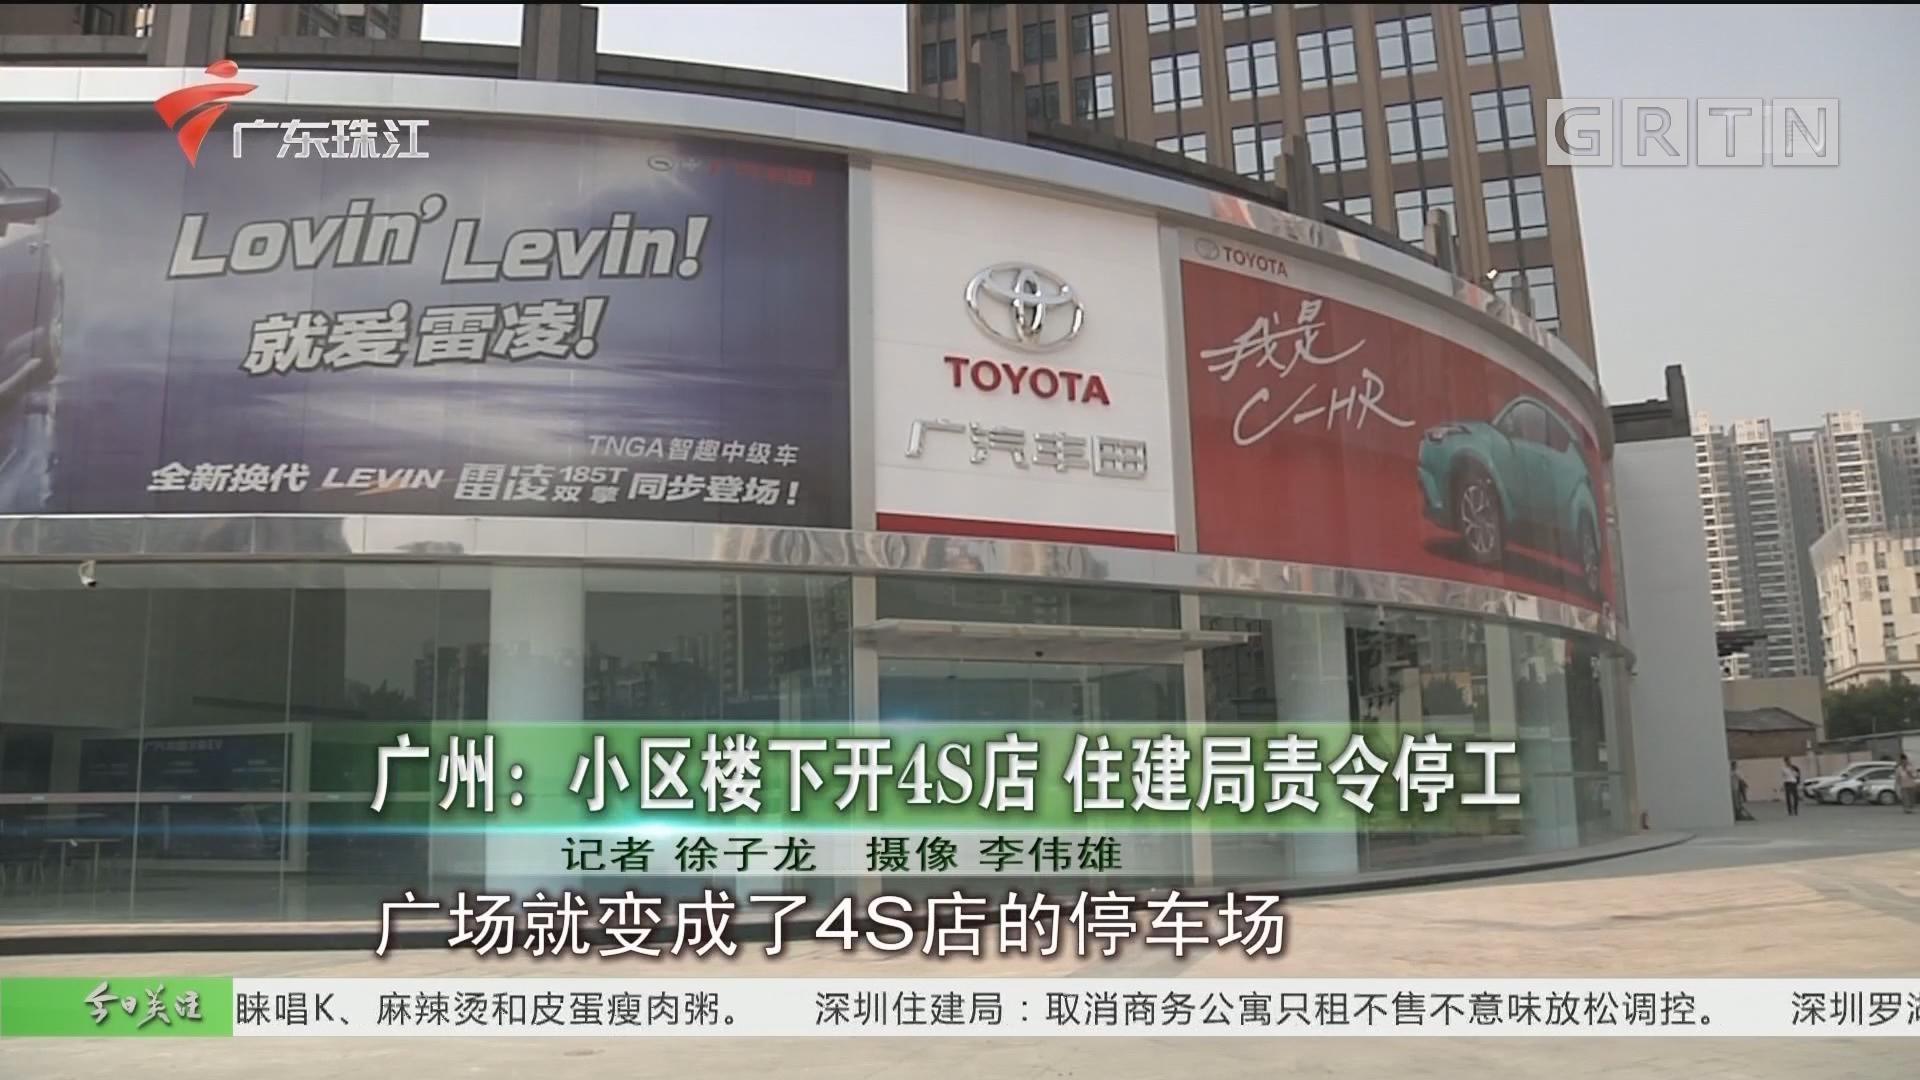 广州:小区楼下开4S店 住建局责令停工